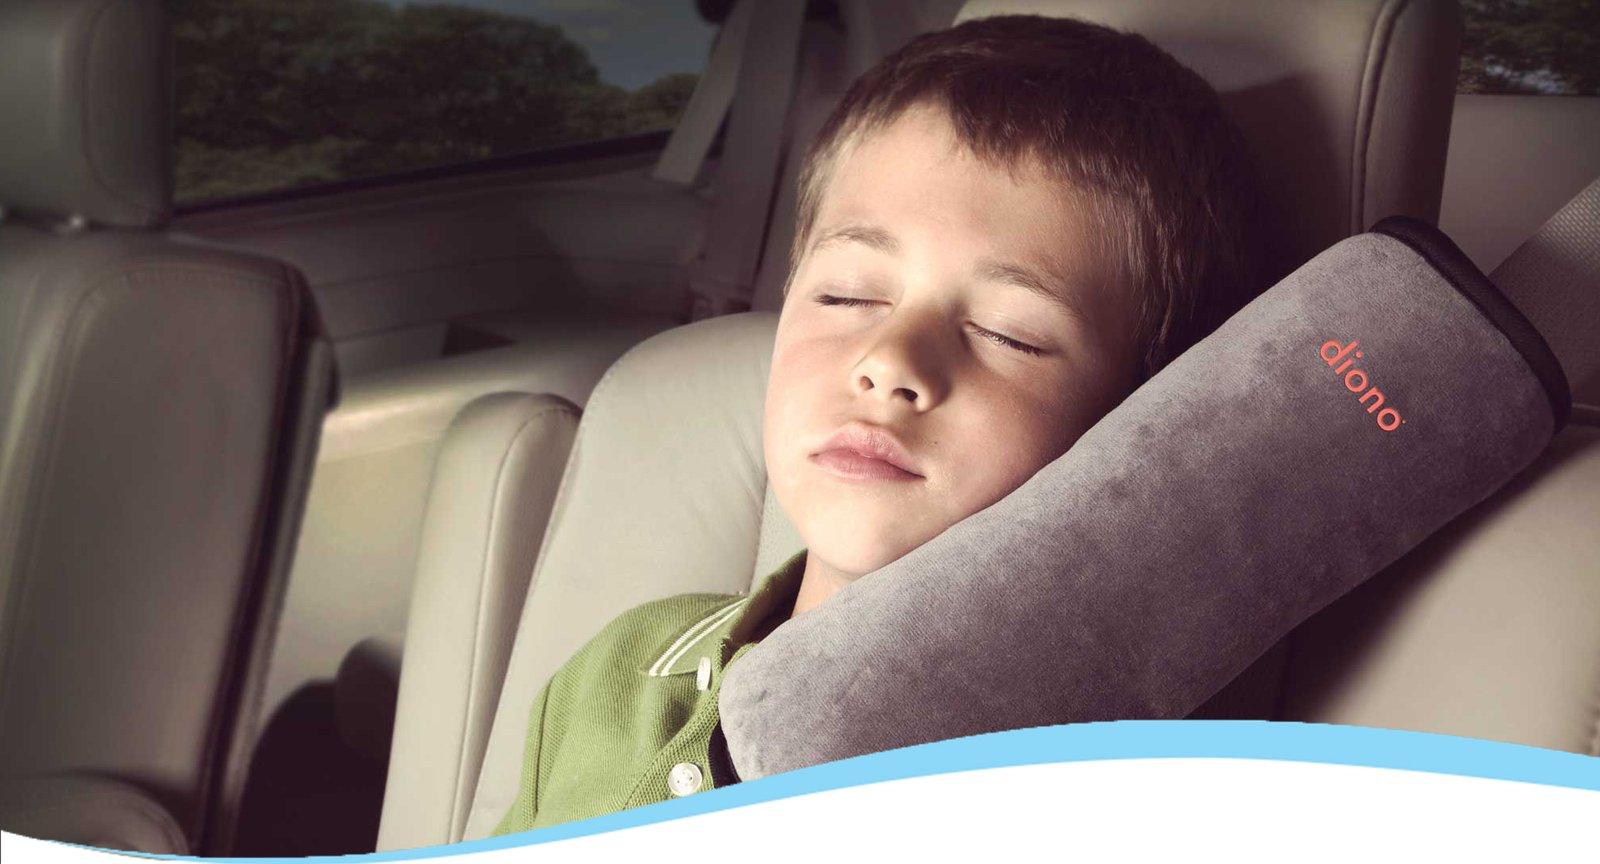 Cuándo podrán los niños utilizar el asiento delantero del vehículo y dejar el trasero